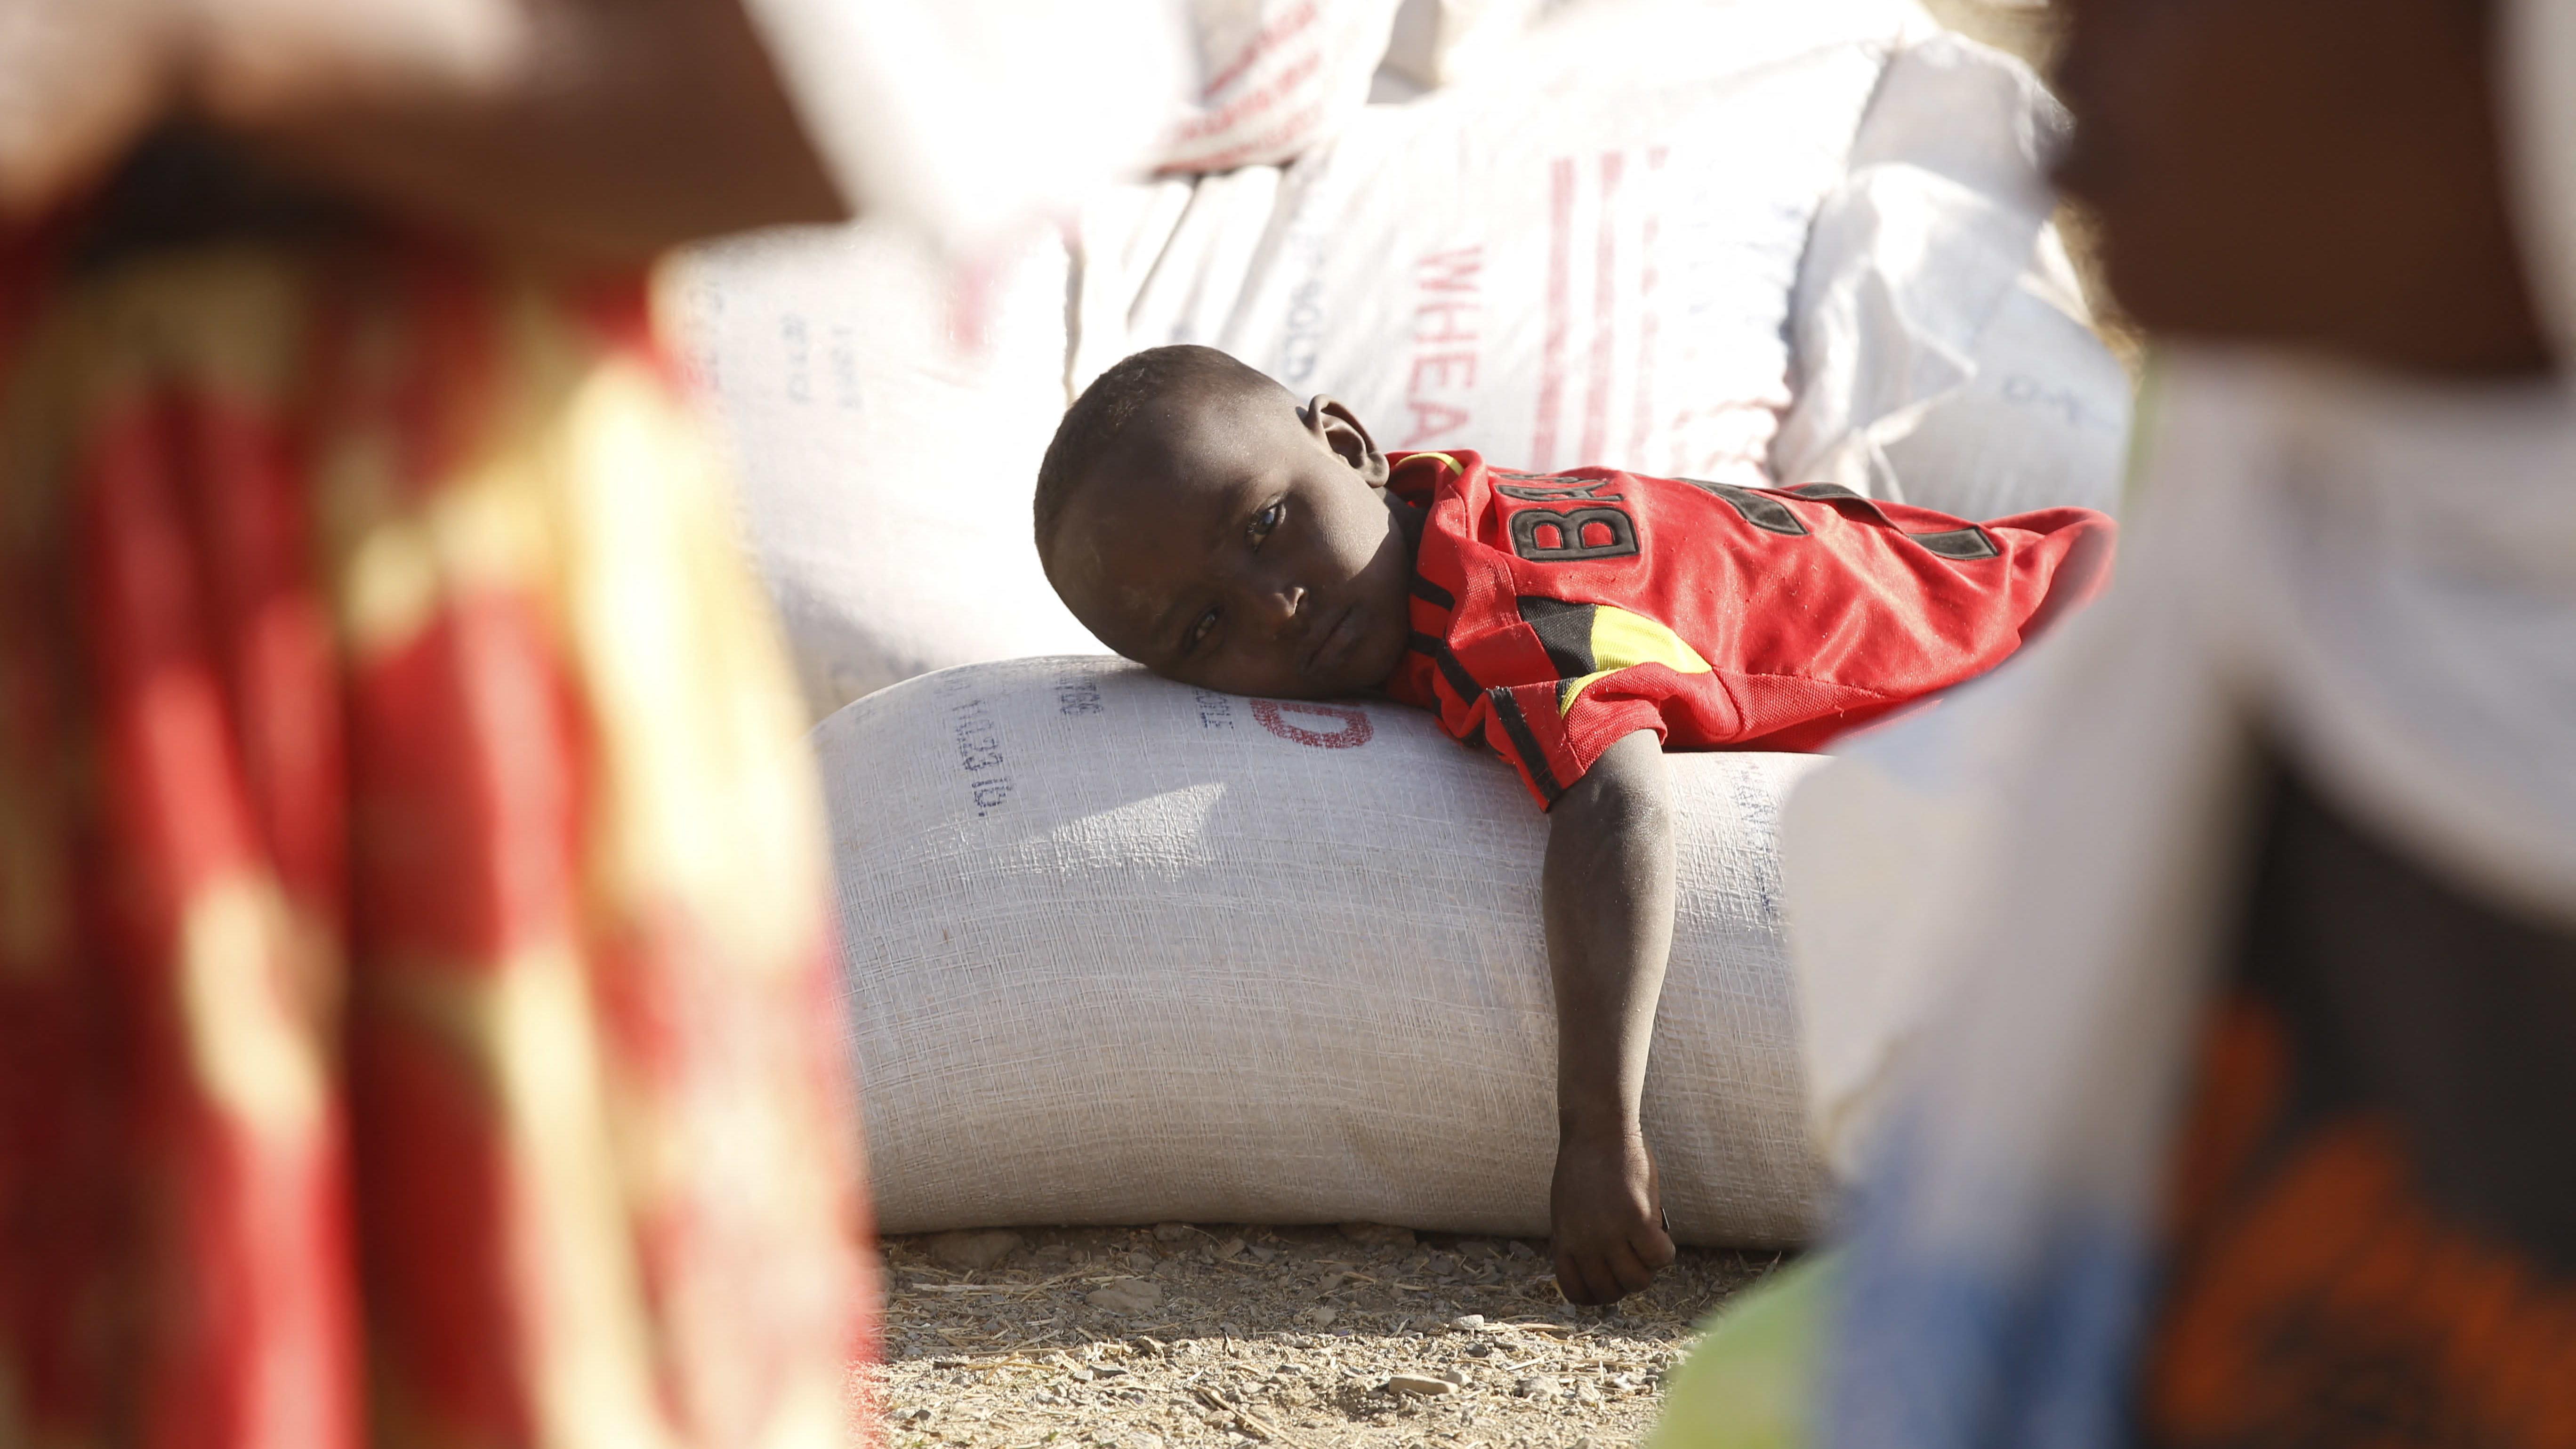 Mekellen kaupungin asukkaat saavat USAIDin ruoka-apua 8. maaliskuuta 2021.